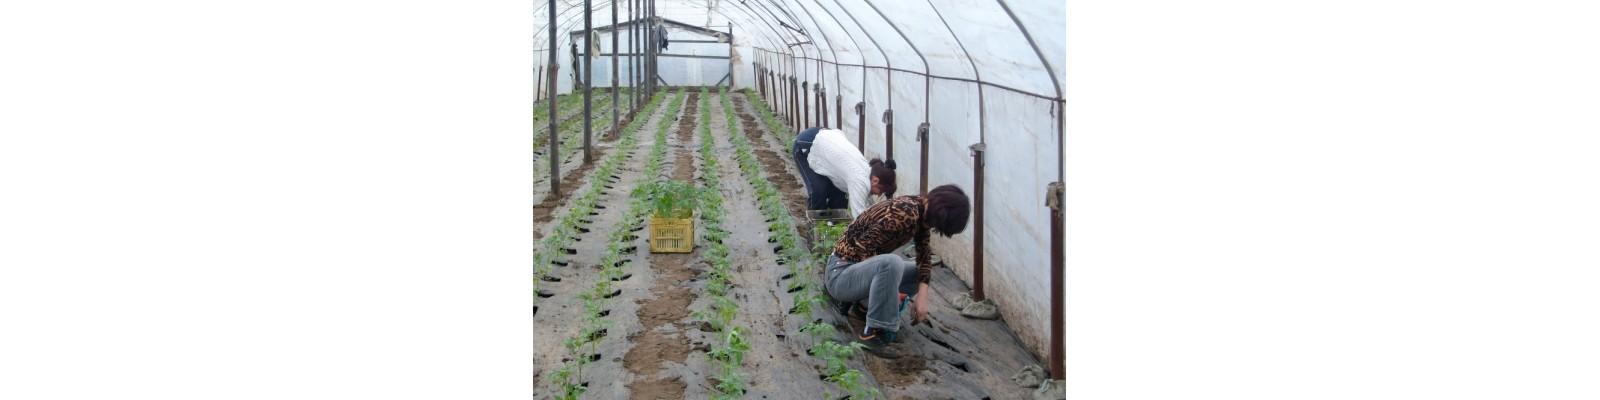 Plantatul legumelor